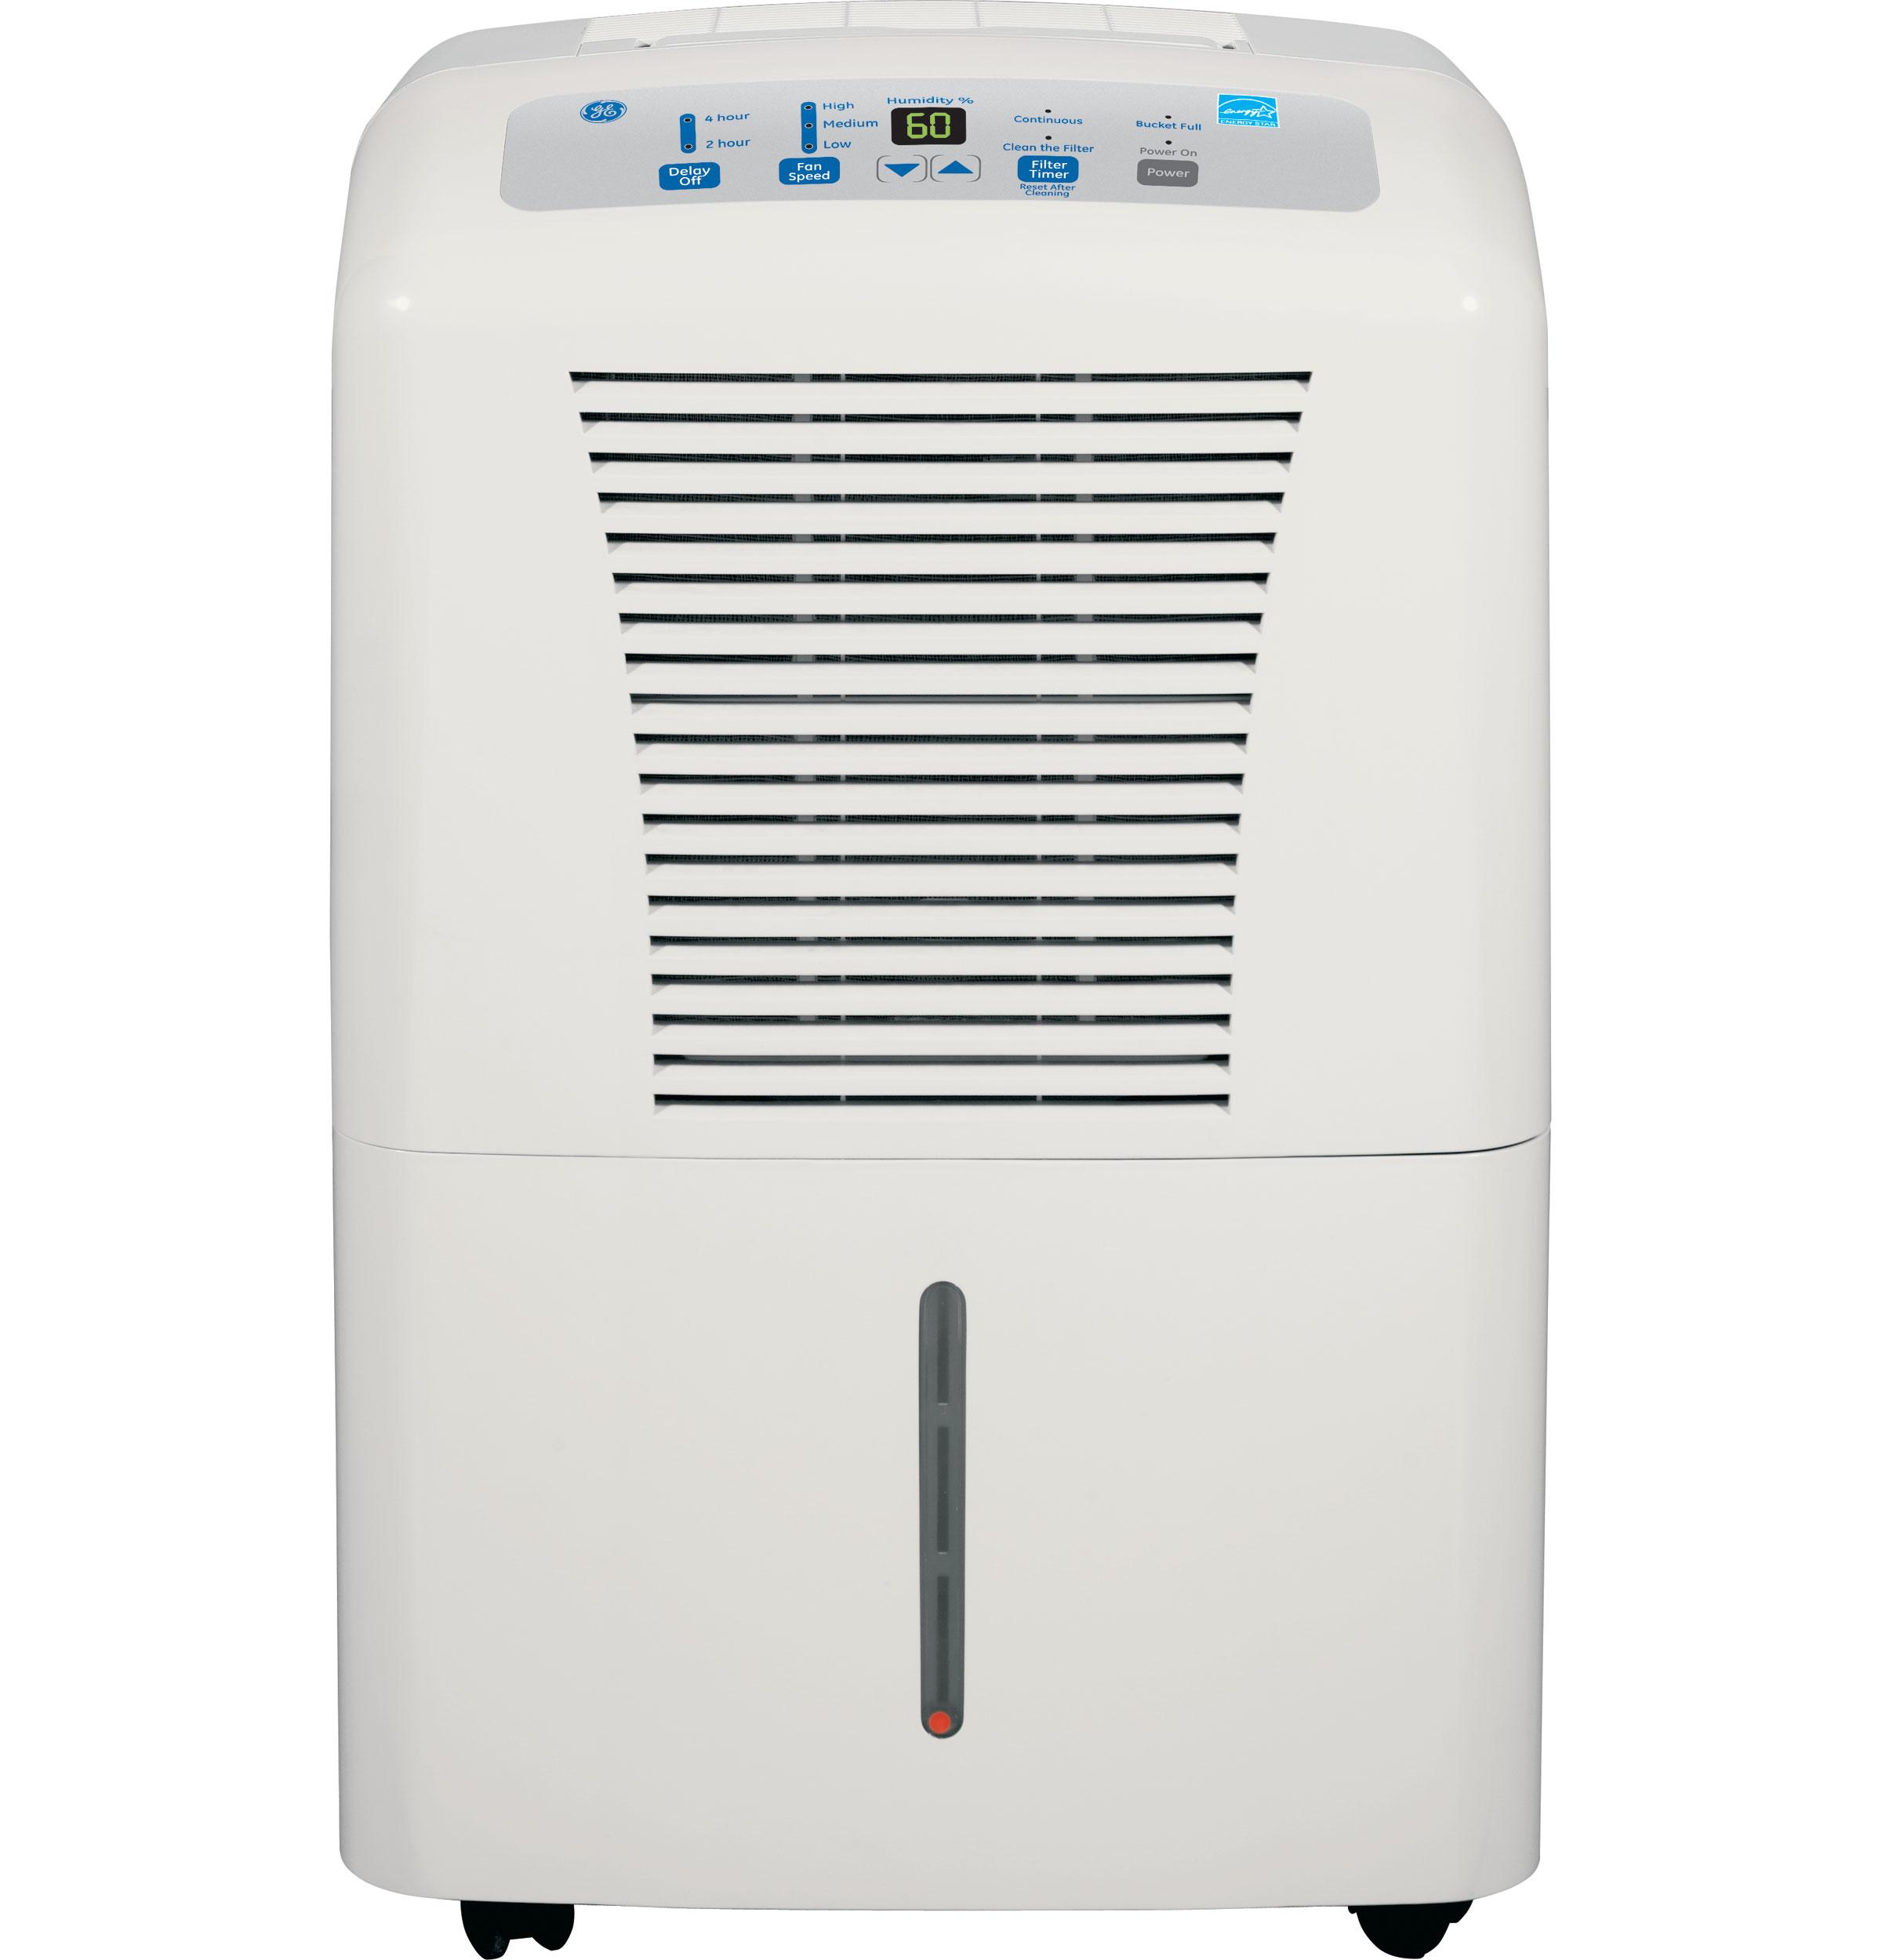 美國 GE 奇異 ADER50L 微電腦觸控按鍵 美式除濕機(24公升)